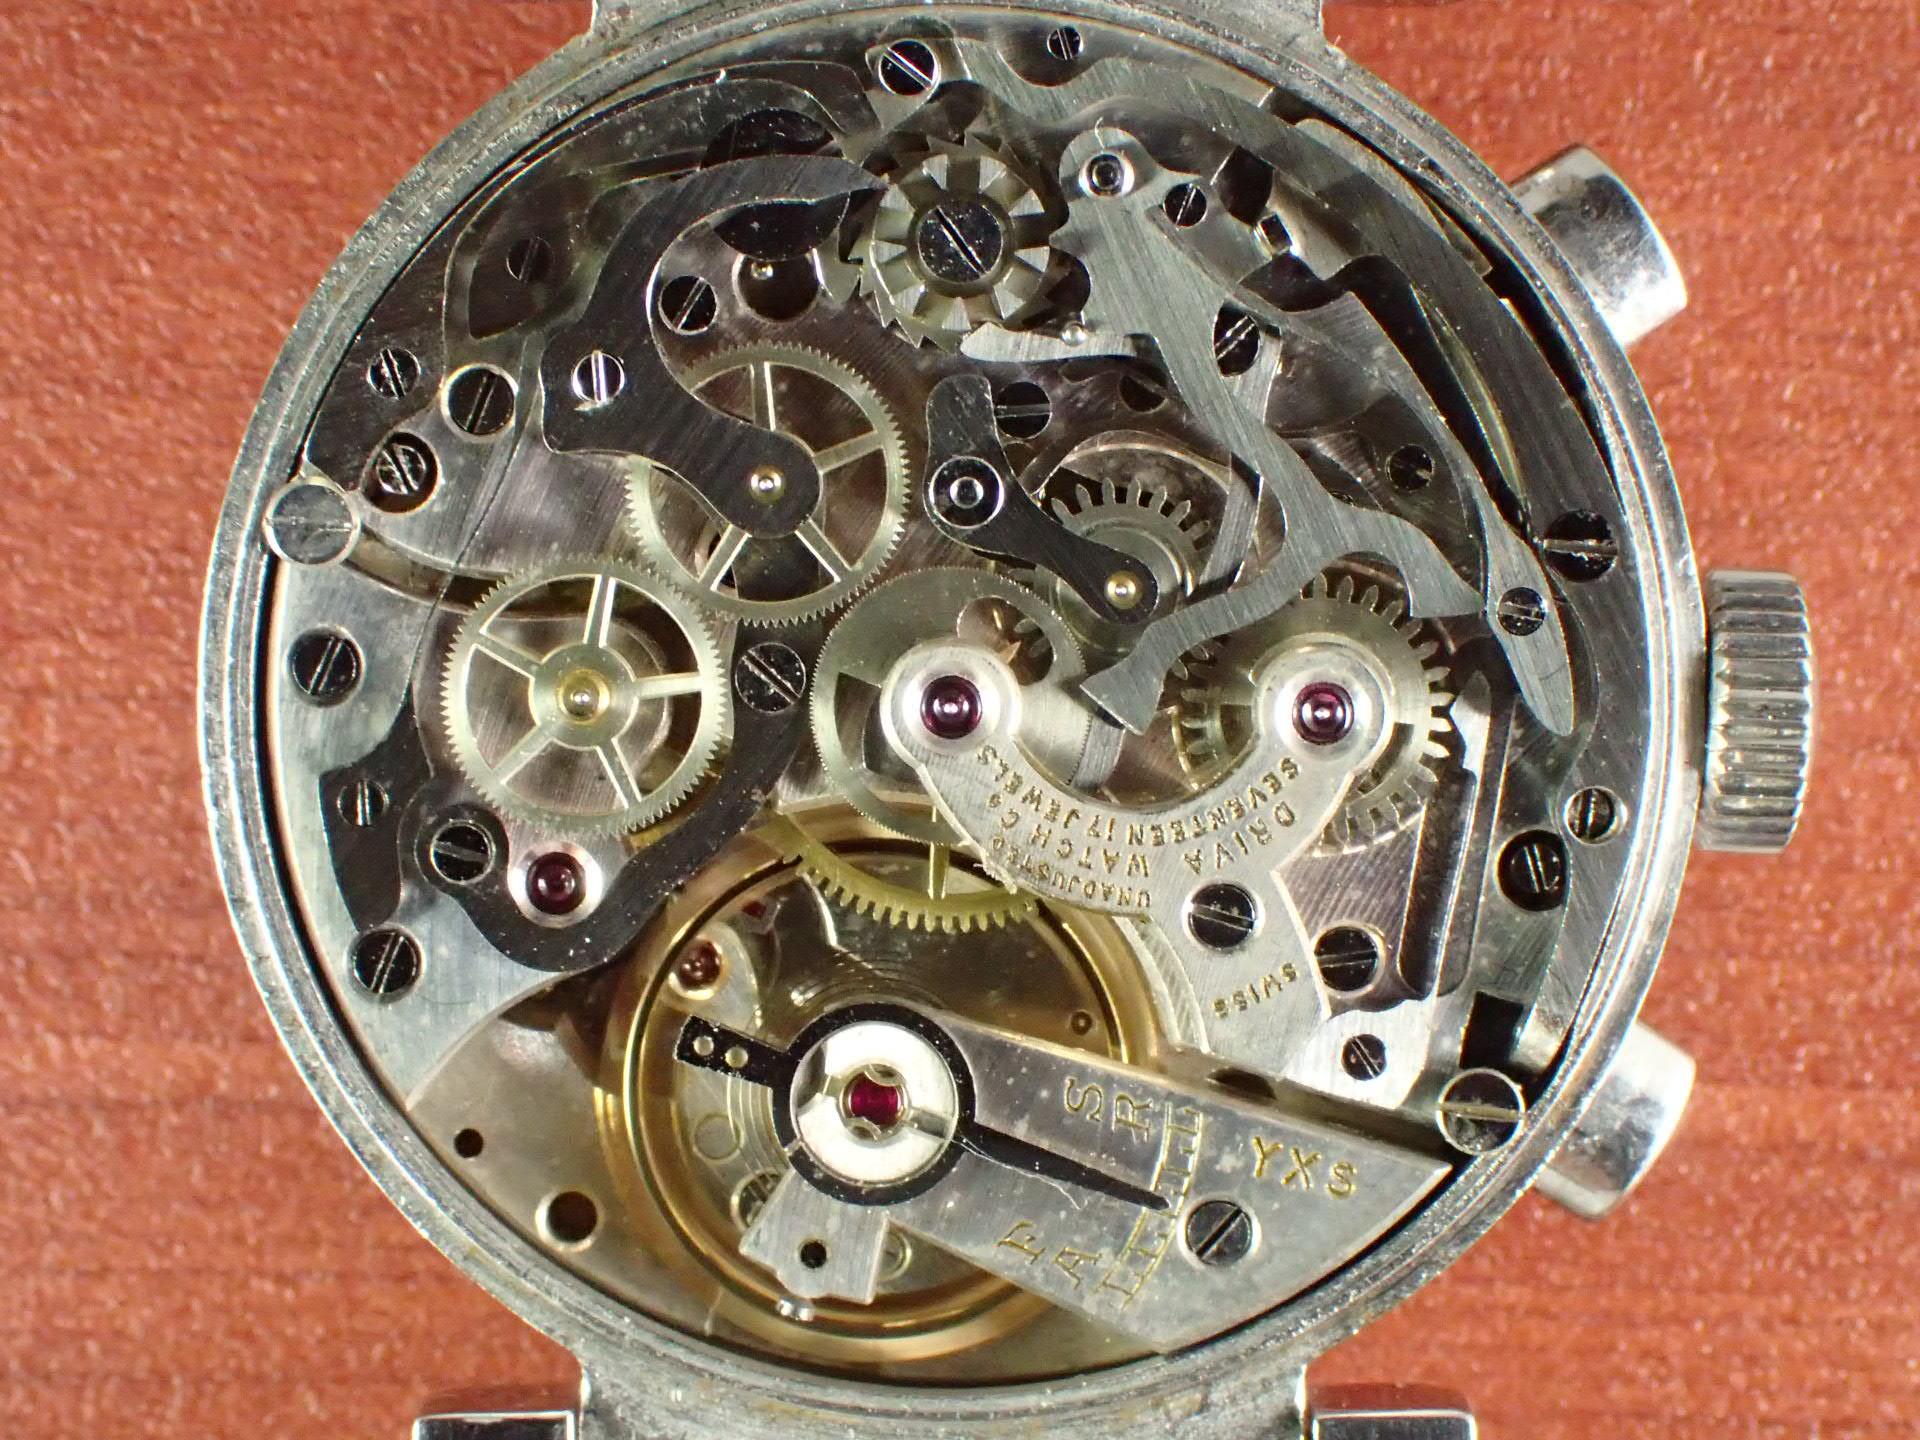 ドリバ クロノグラフ Cal.バルジュー22 フレキシブルラグ 1940年代の写真5枚目